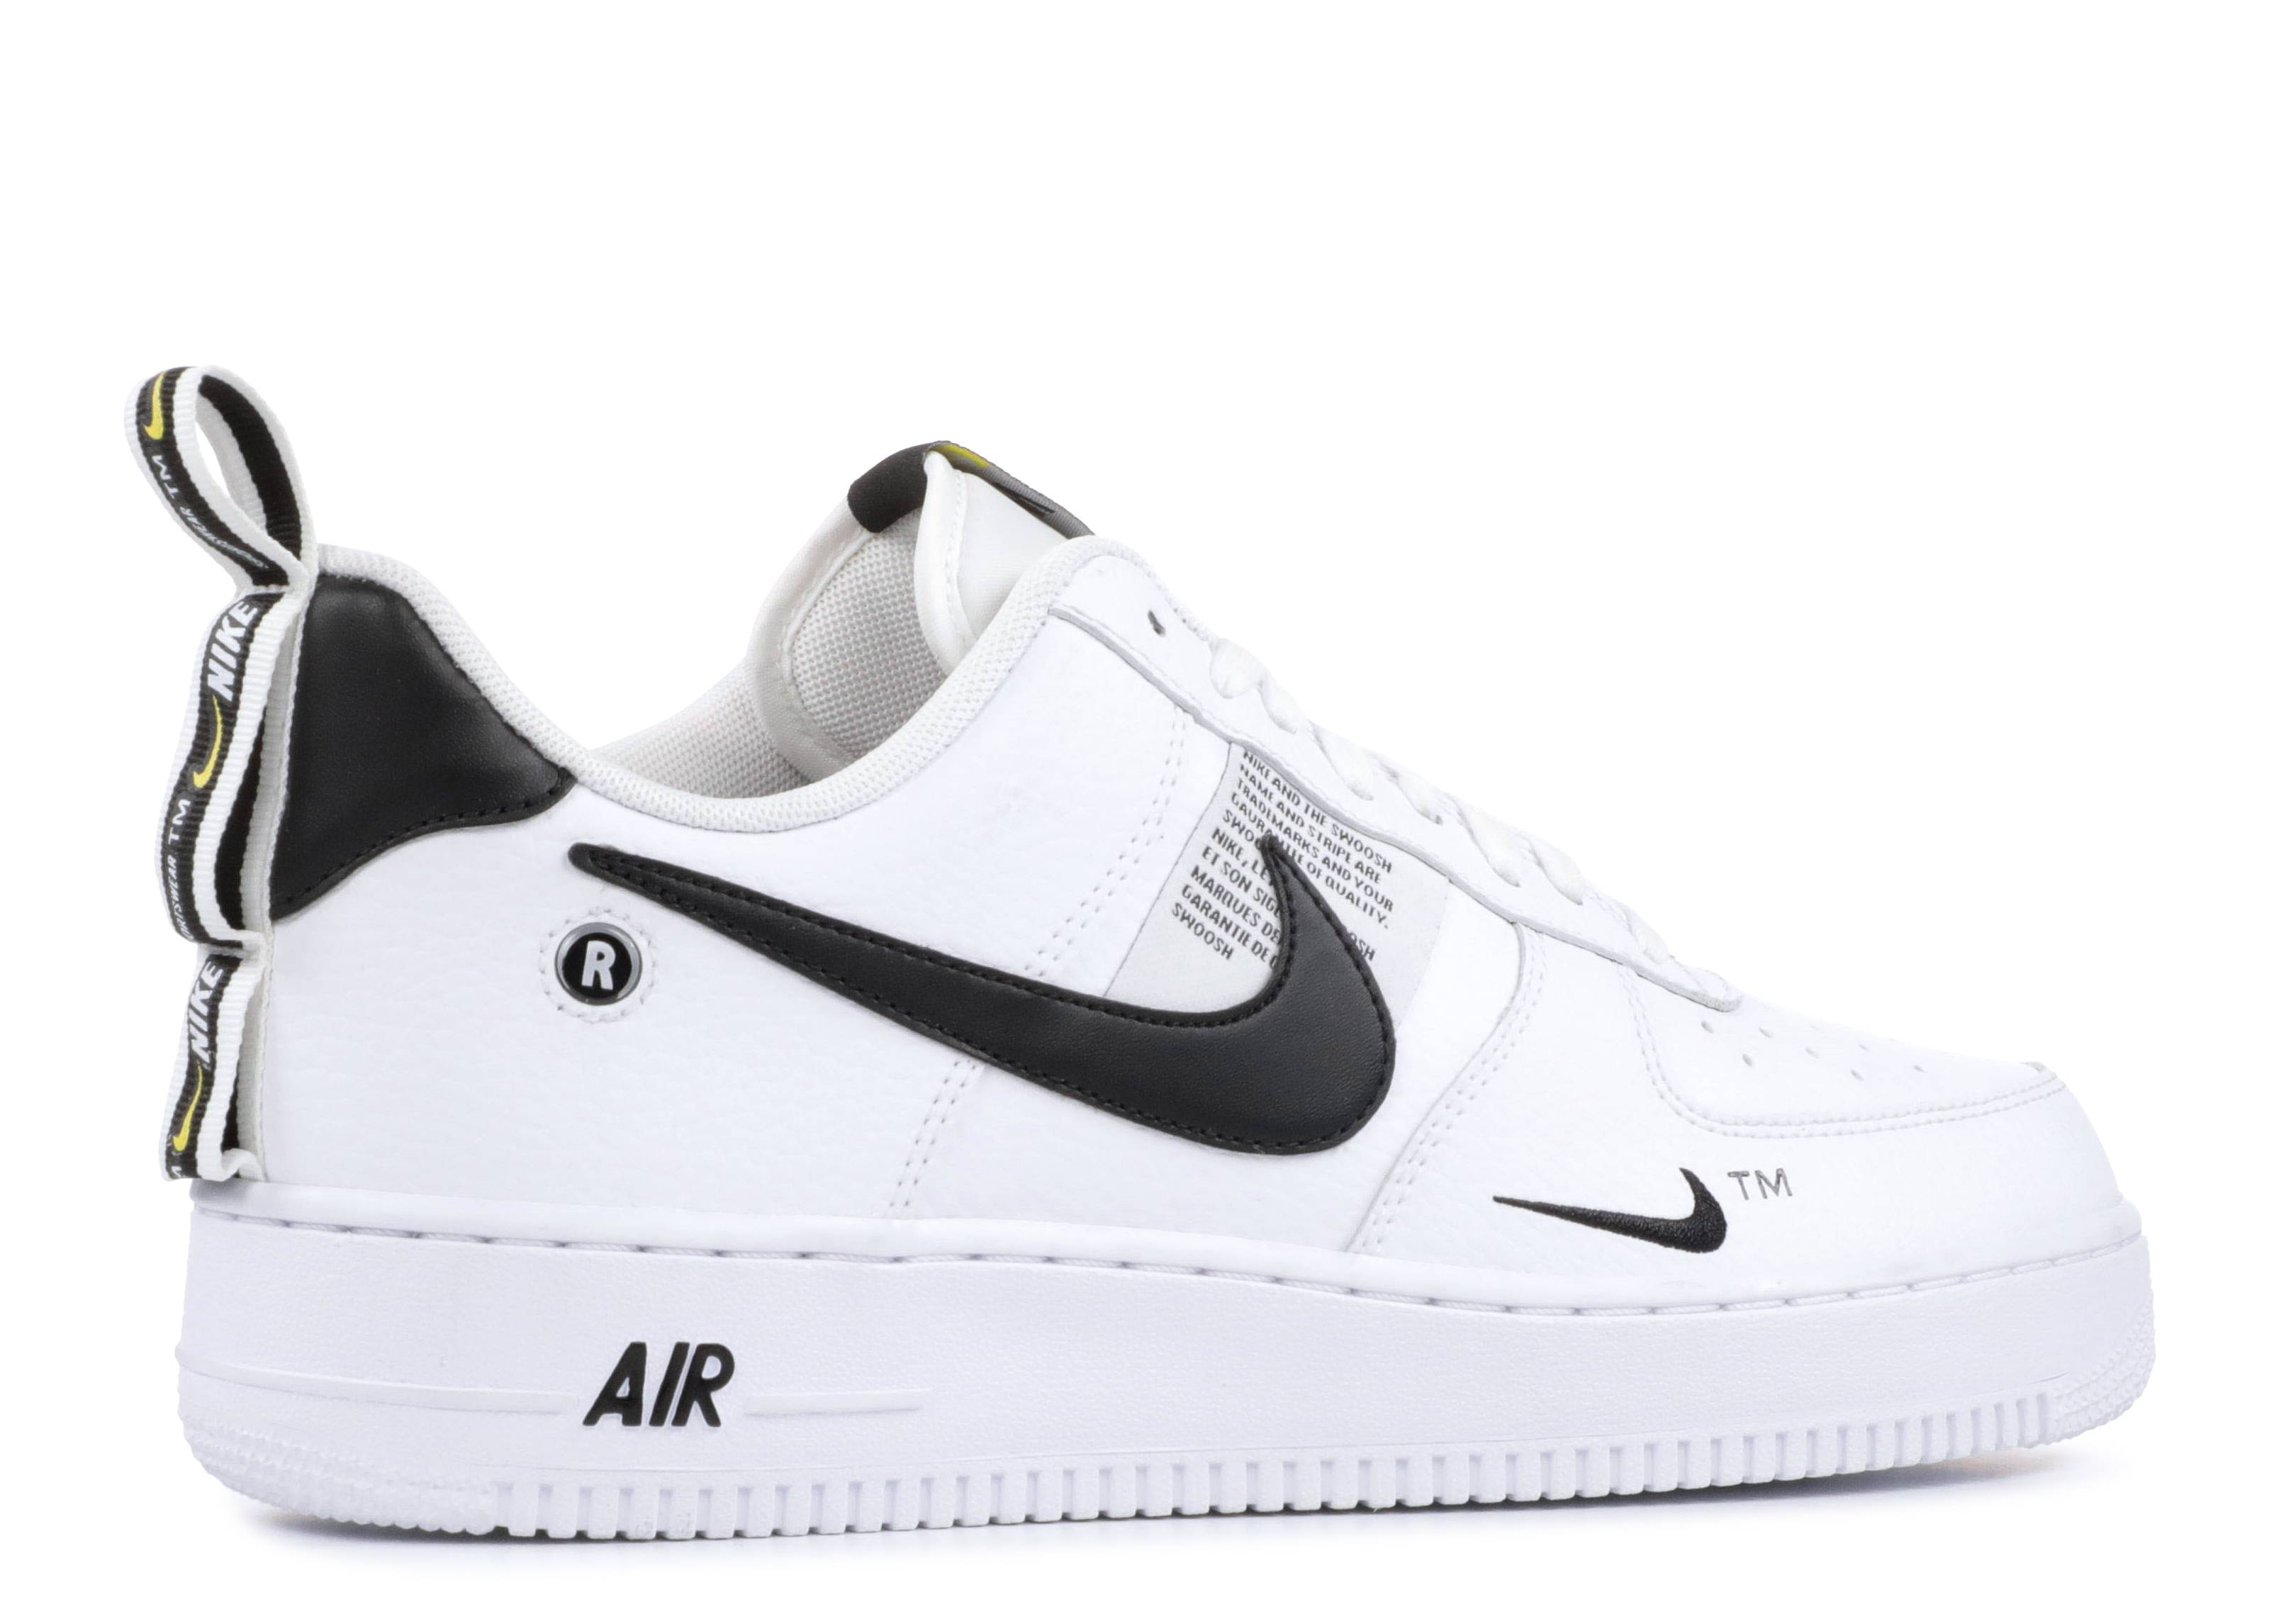 nike x air force 1 utility noir